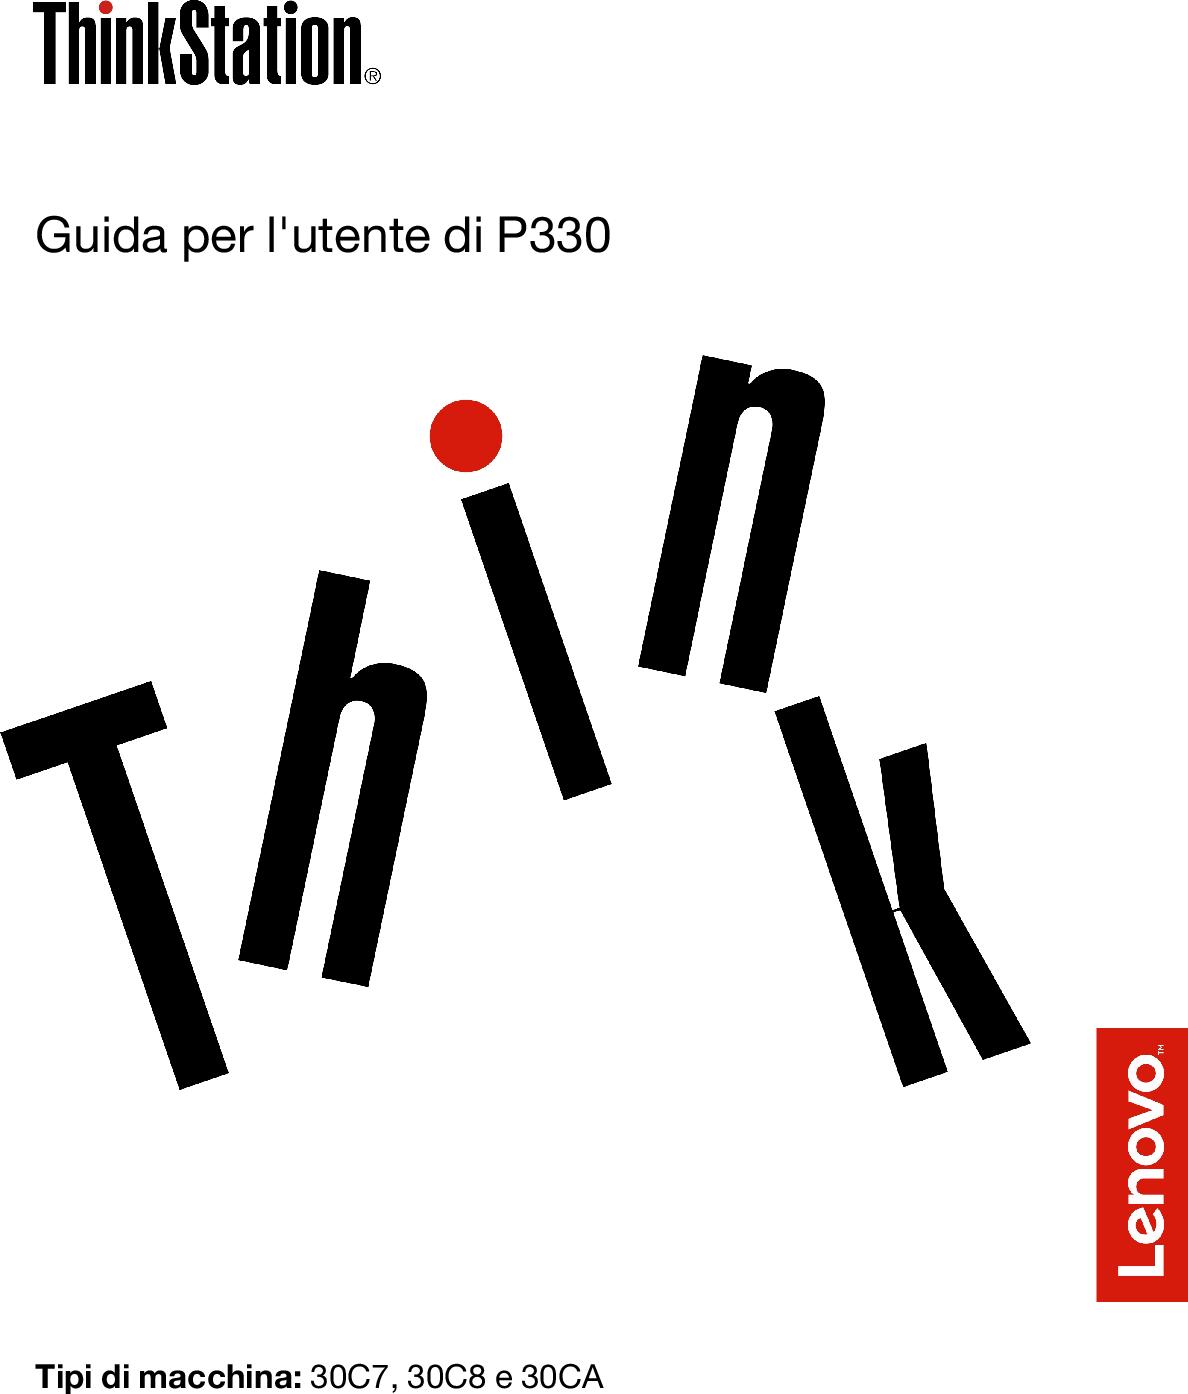 Lenovo Guida Per L'utente Di P330 (Italian) User Guide